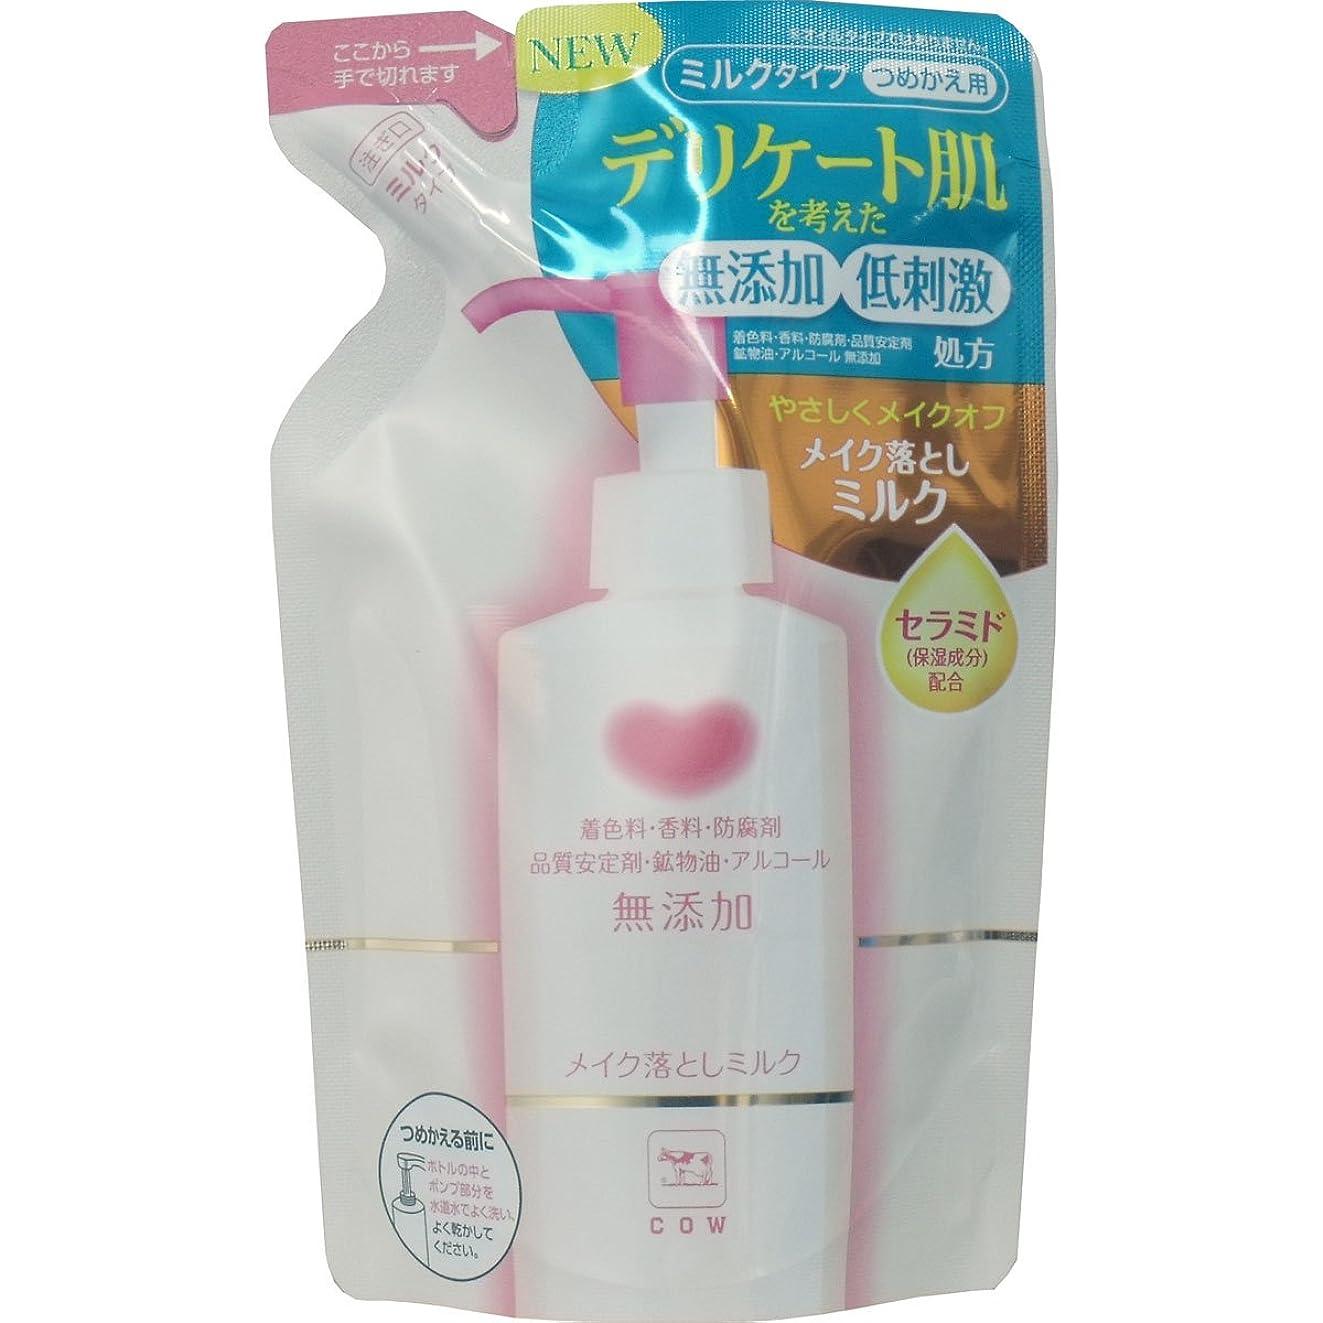 しっとり感謝一過性【牛乳石鹸共進社】カウ無添加 メイク落としミルク つめかえ用 130ml ×3個セット